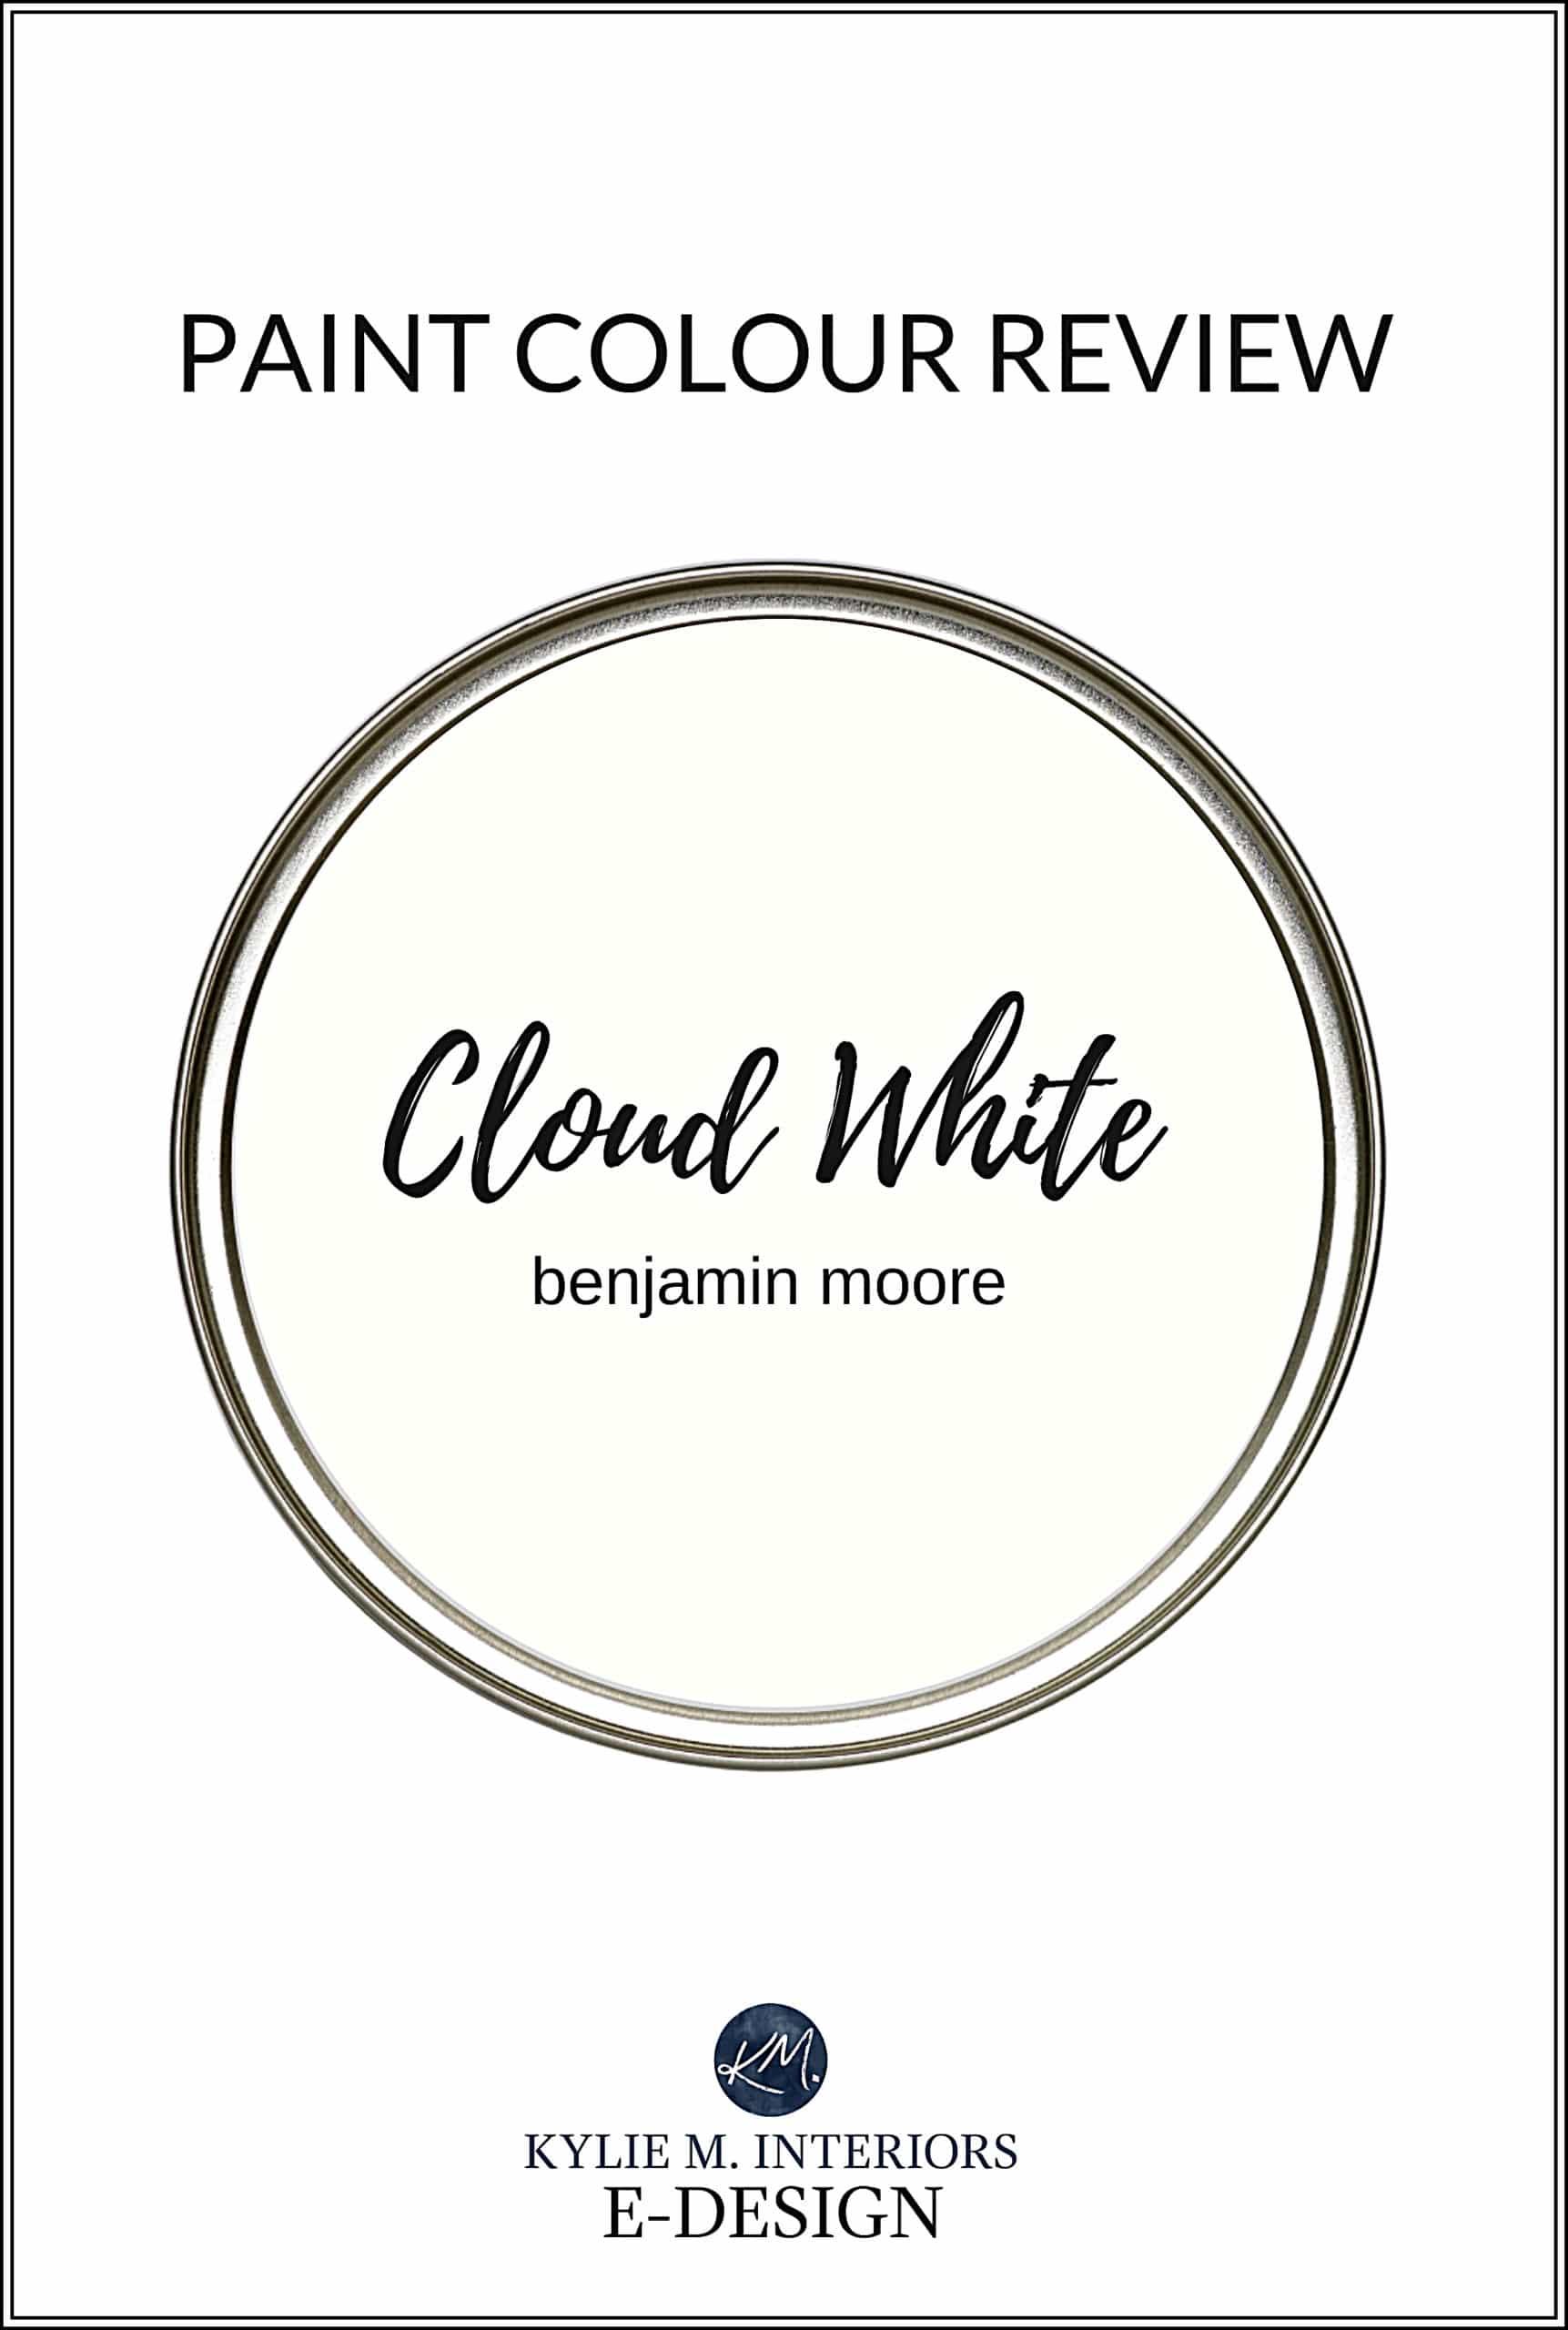 benjamin moore cloud white oc 130 or cc